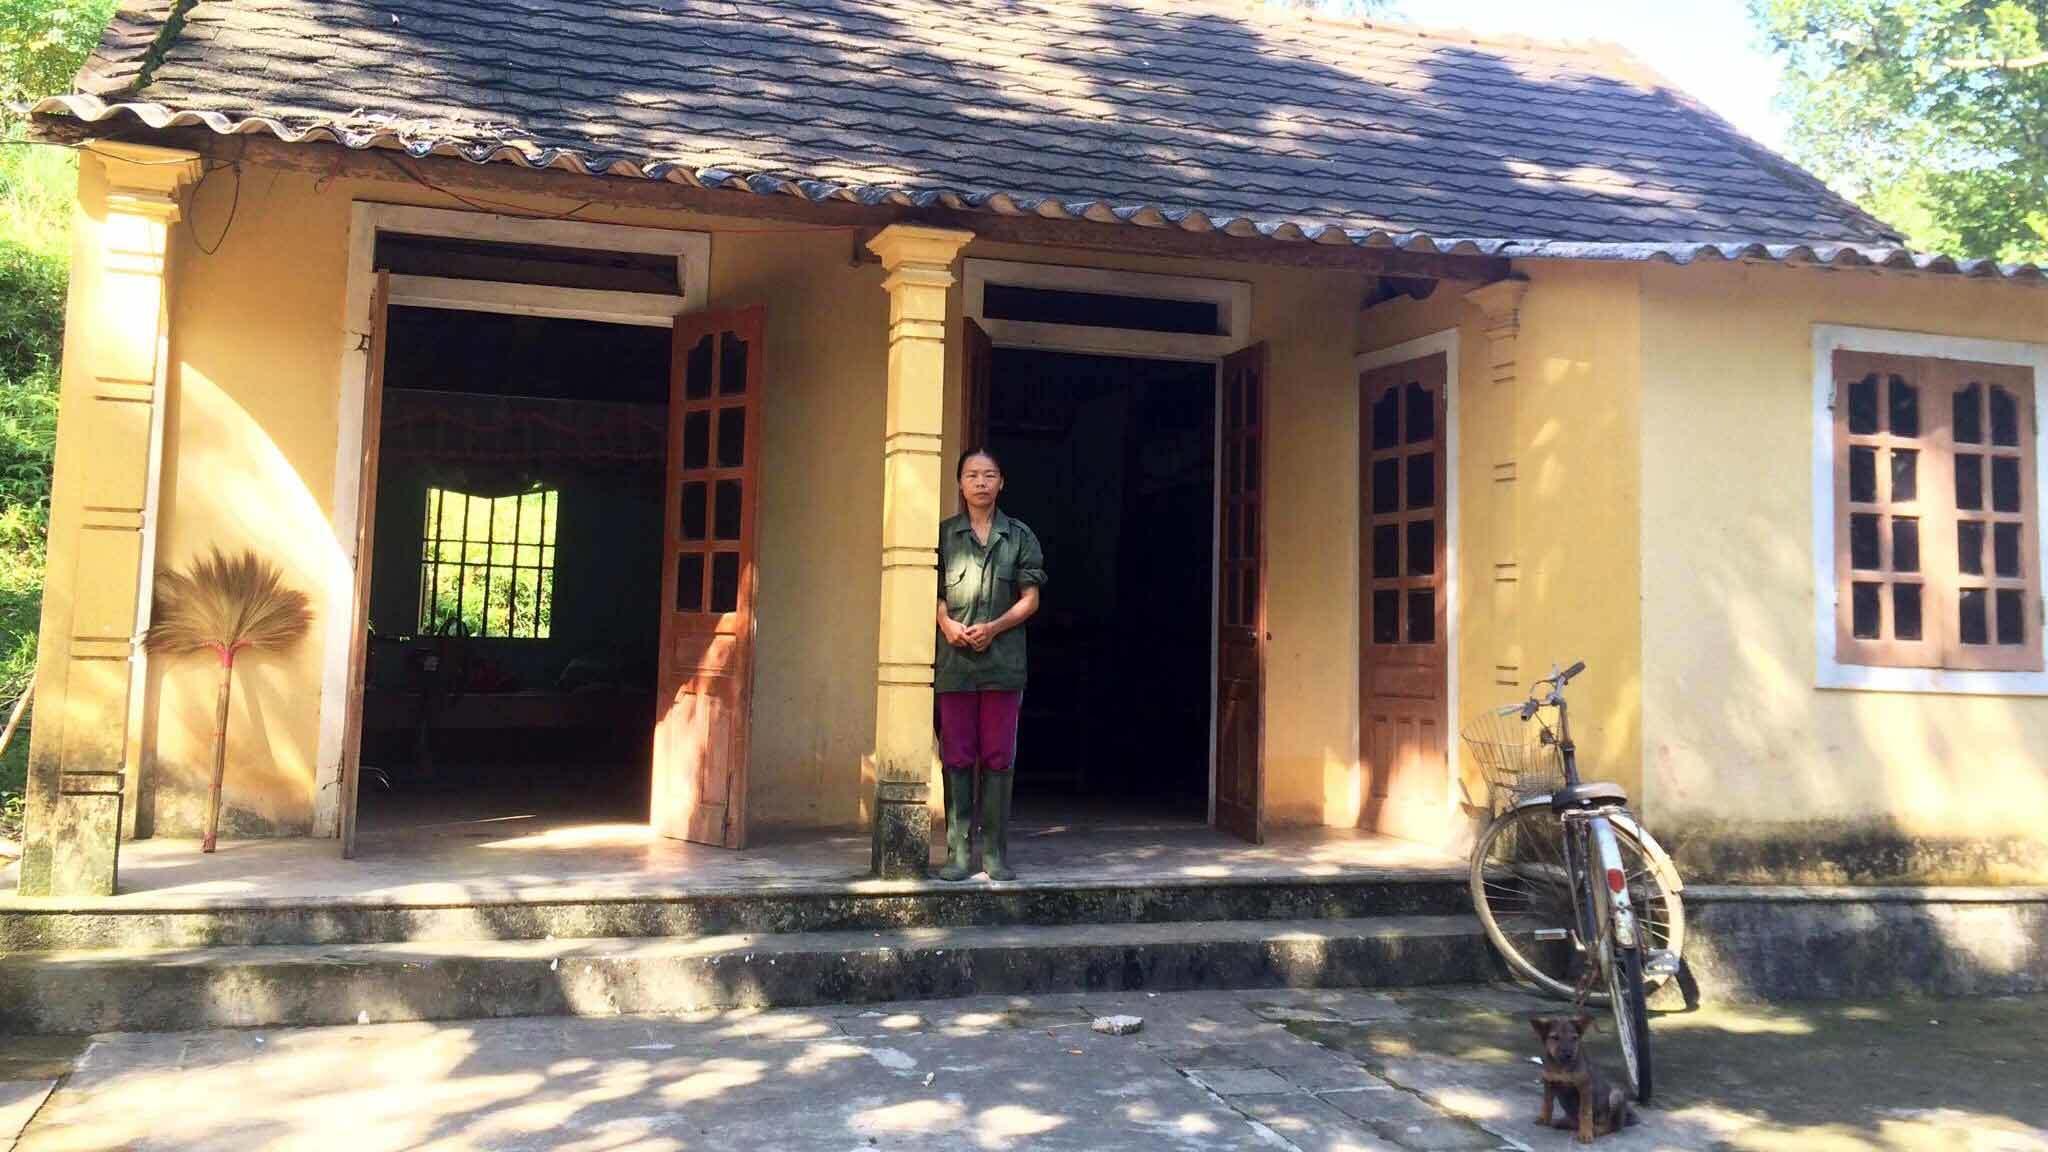 Dùng tiền hộ nghèo mua bò: Kiểm điểm Chủ tịch xã, trưởng thôn